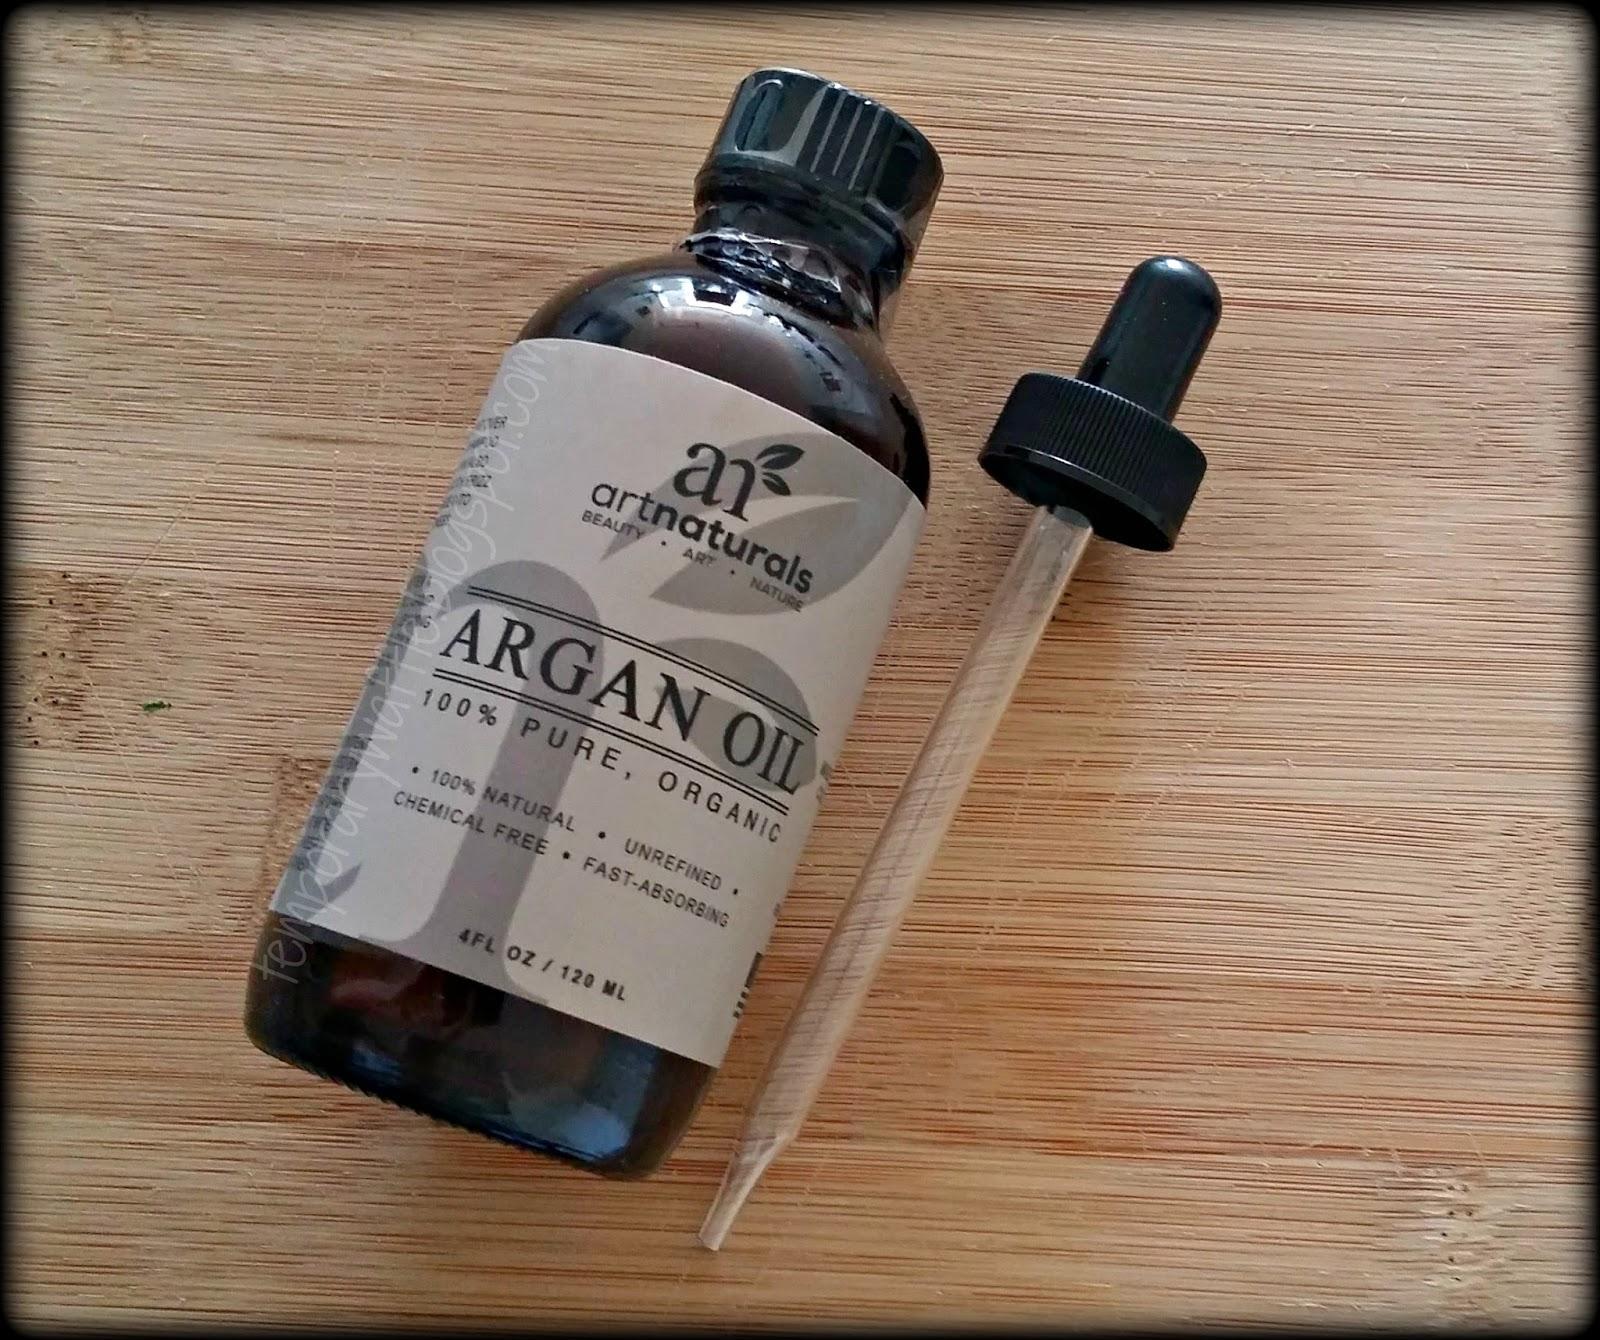 Argan Oil Art Natural